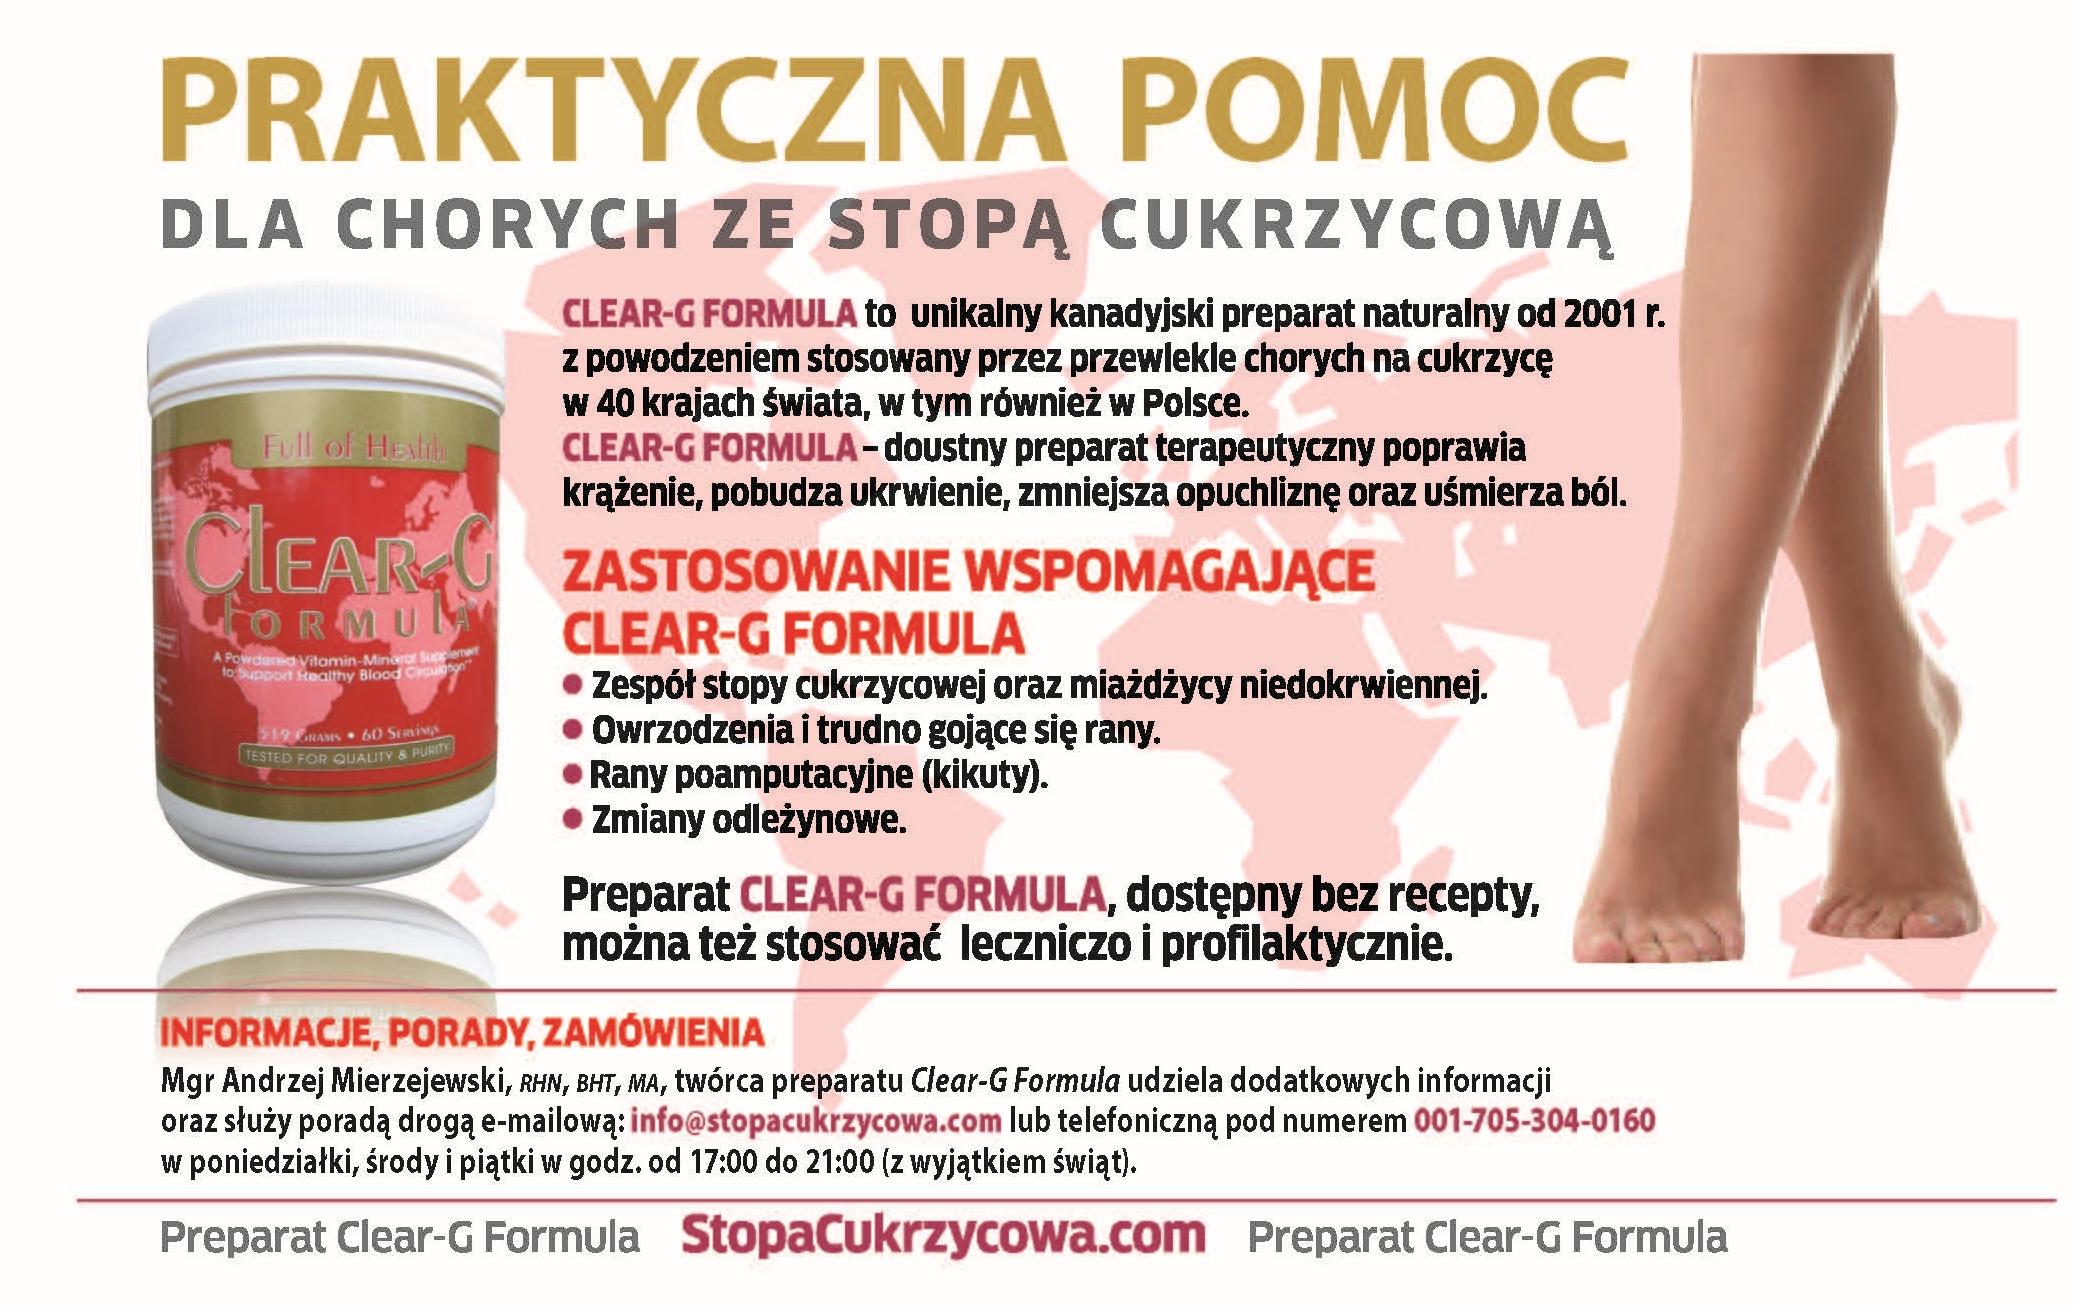 Stopa cukrzycowa: Wizytowka reklamowa preparatu naturalnego Clear-G Formula